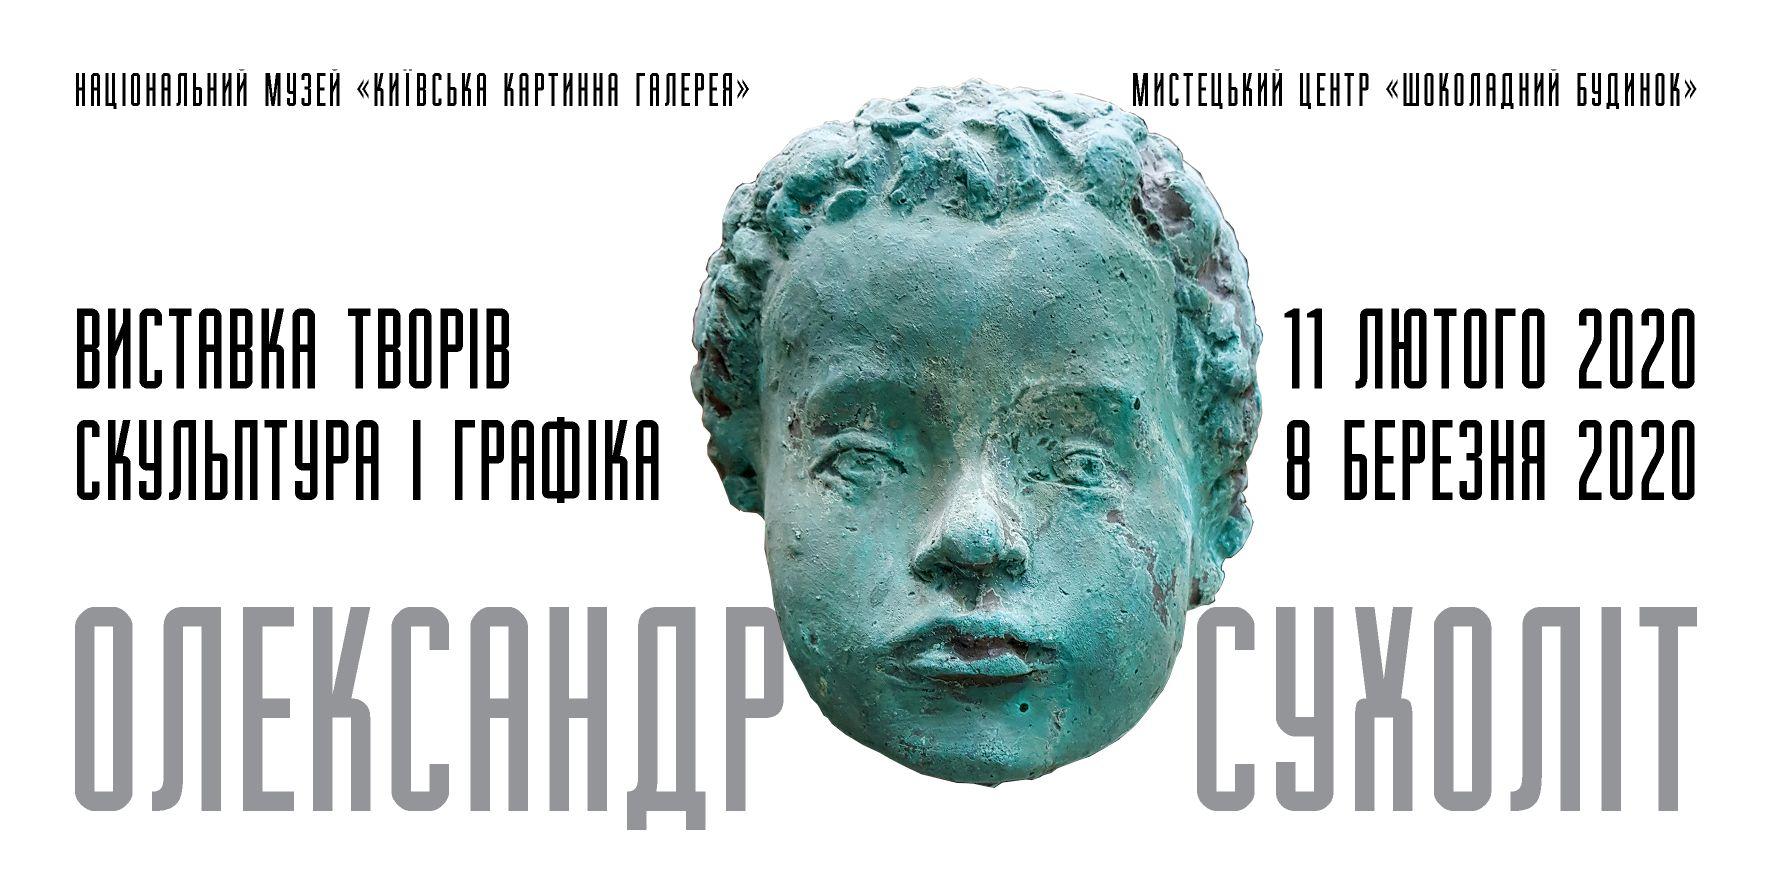 """Олександр Сухоліт. Скульптура і графіка - """"Шоколадний будинок"""""""